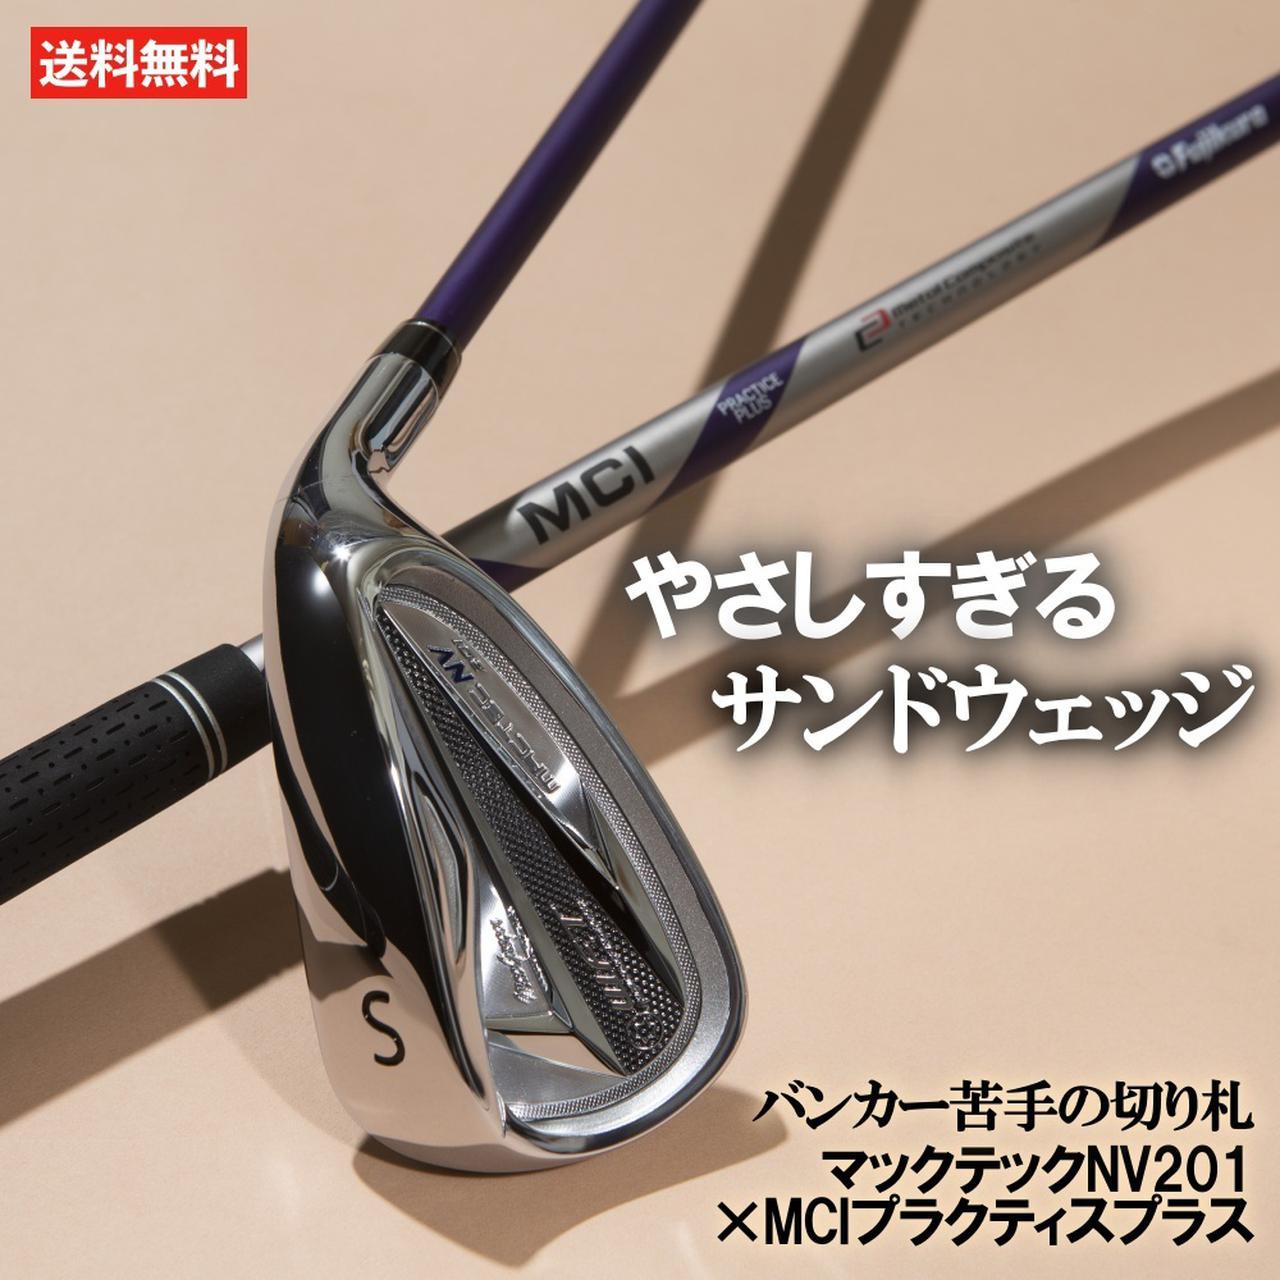 画像: 【楽天市場】ゴルフ バンカー 専用 ウェッジ  マックテック NV201 MCI プラクティスプラス サンドウェッジ:ゴルフポケット楽天市場店